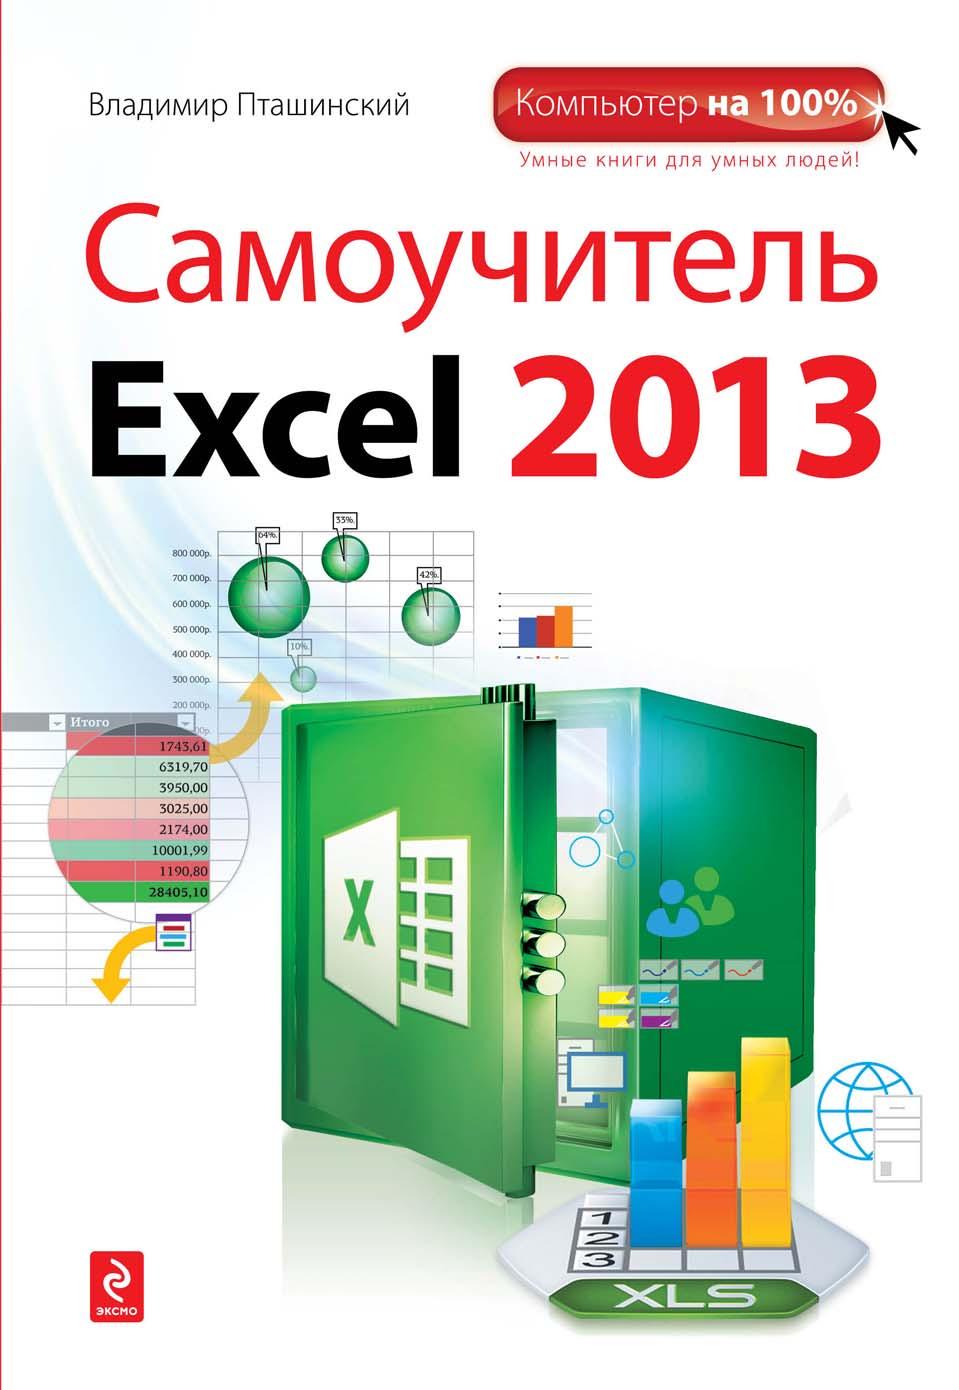 Владимир Пташинский Самоучитель Excel 2013